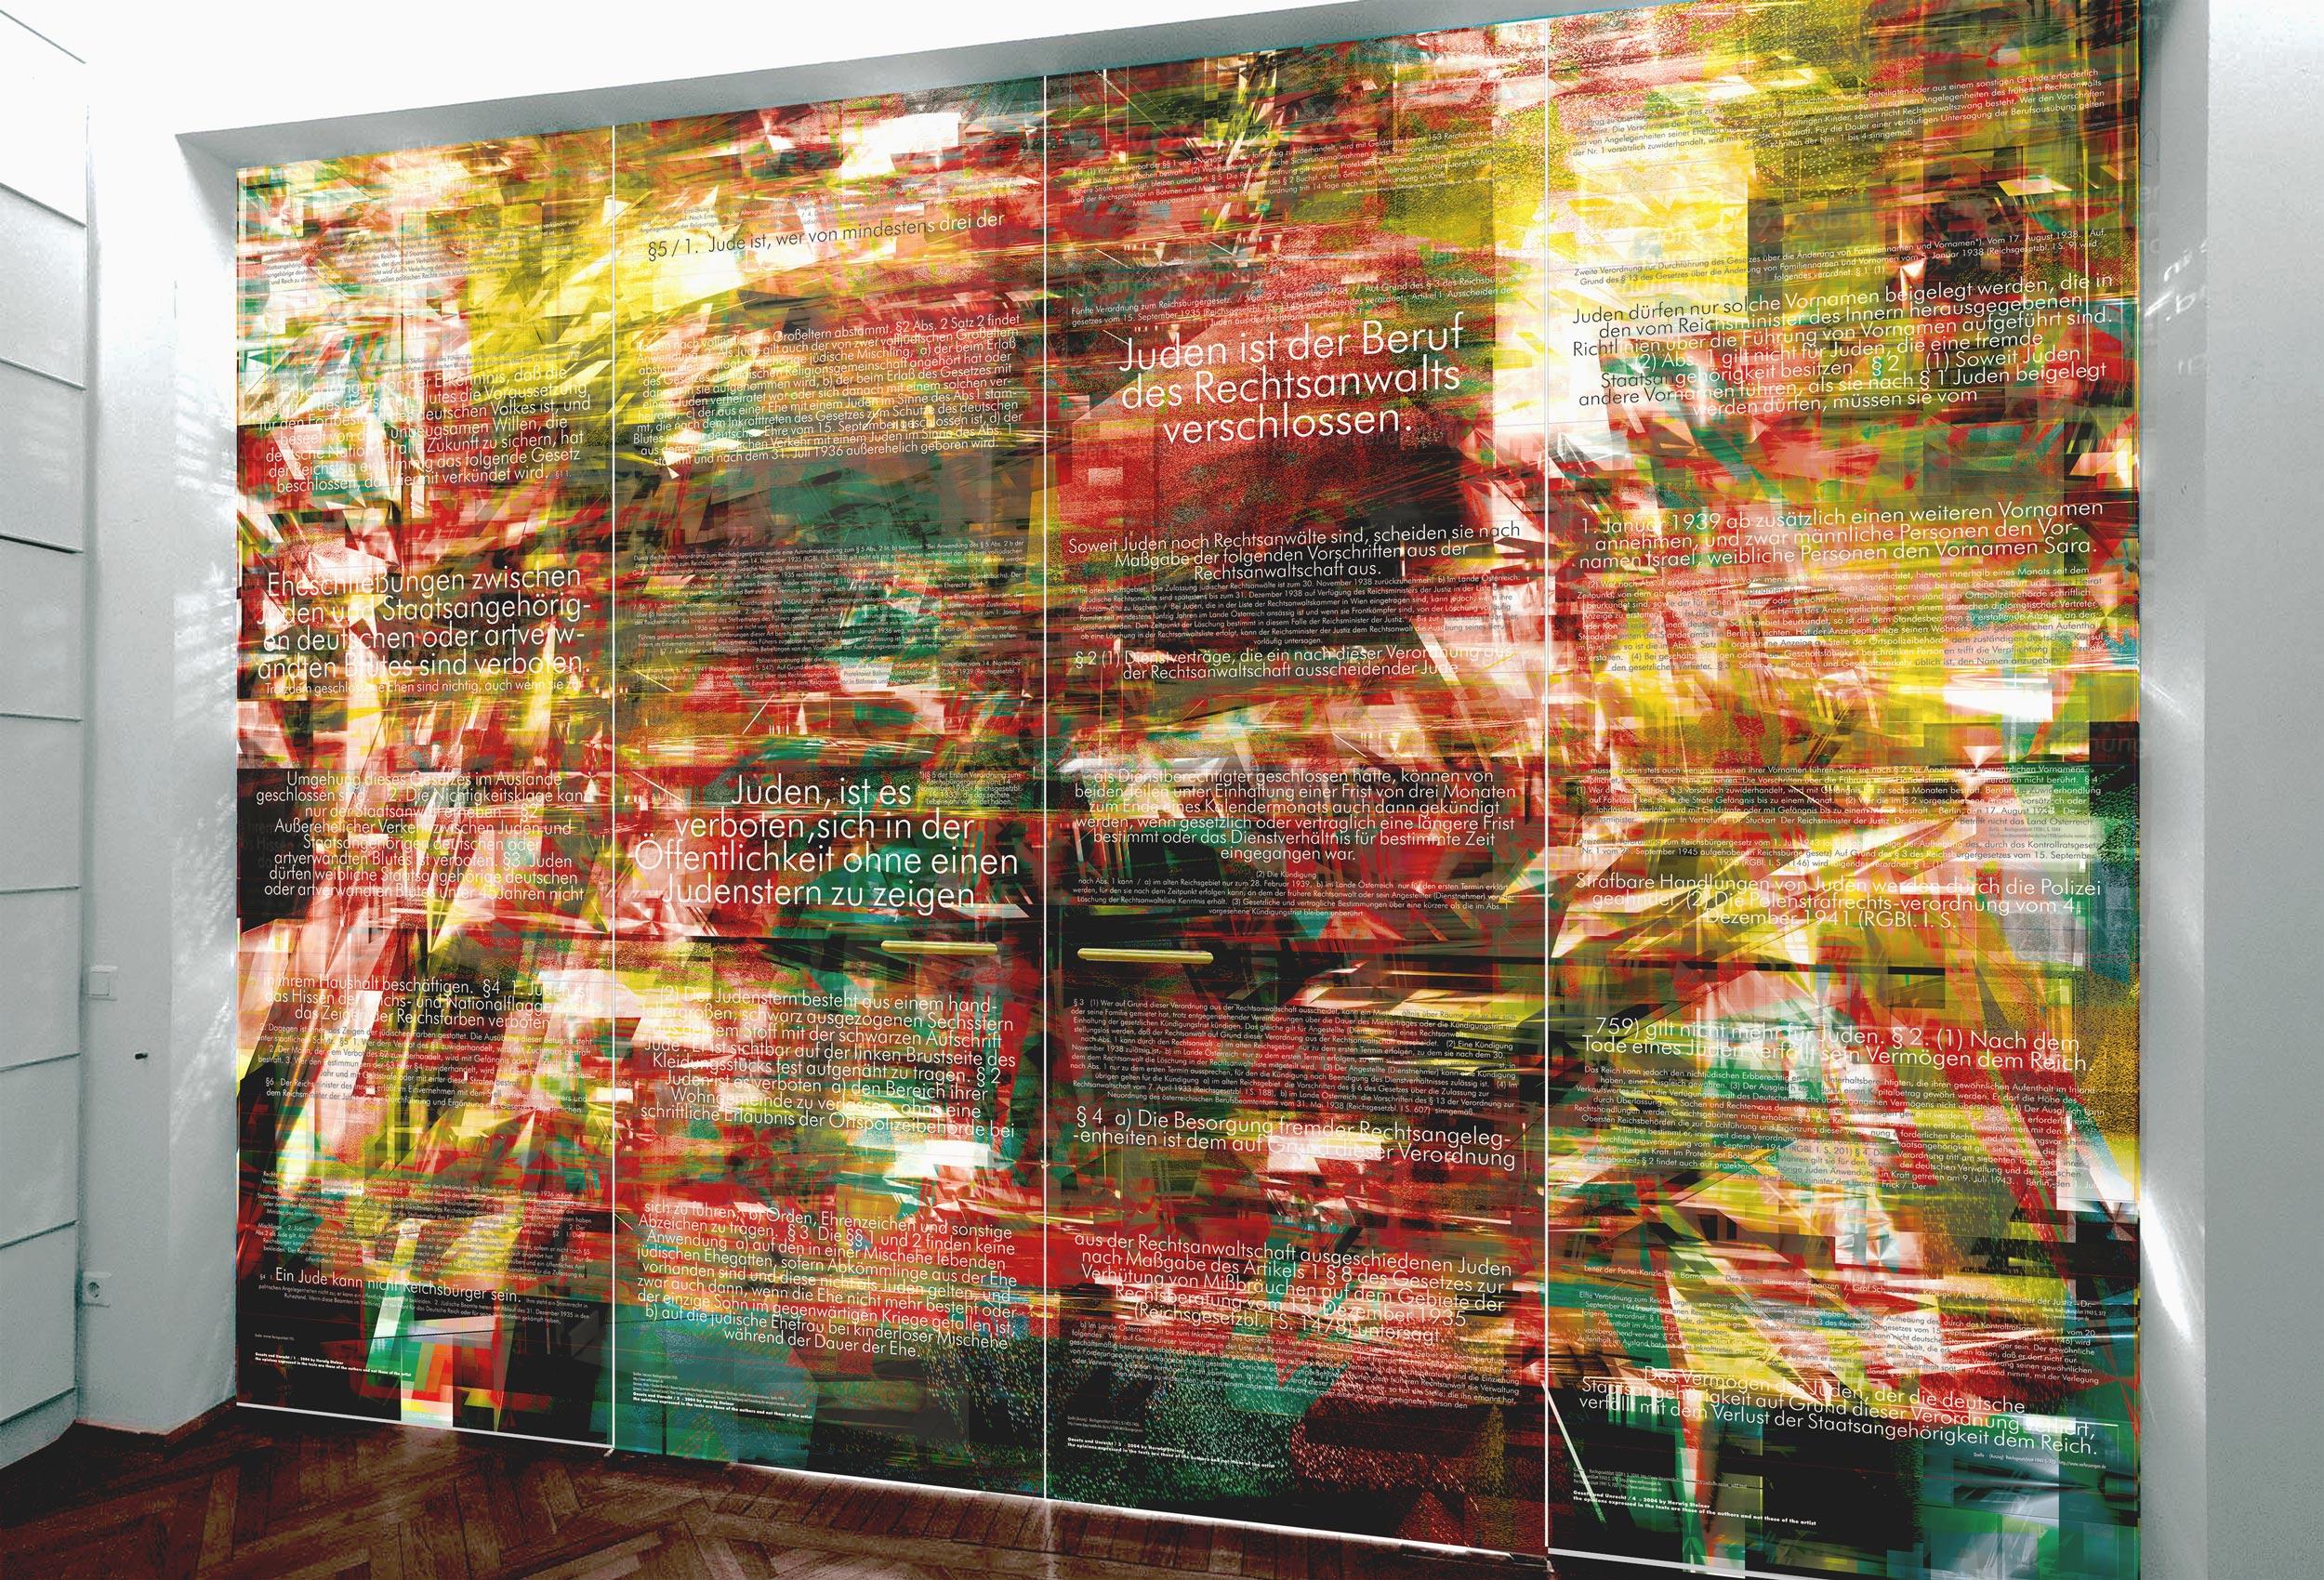 © Herwig Steiner / Gesetz und Verbrechen / Installation – Glaswand mit Doppeltüre / 4-teilig / computergenerierter Glasdruck / 2004/05 / 322,20 x 434,10 cm / Foyer ehem. Kanzlei Manak & Partner / Fotokonstruktion: Ebenhofer / Steiner